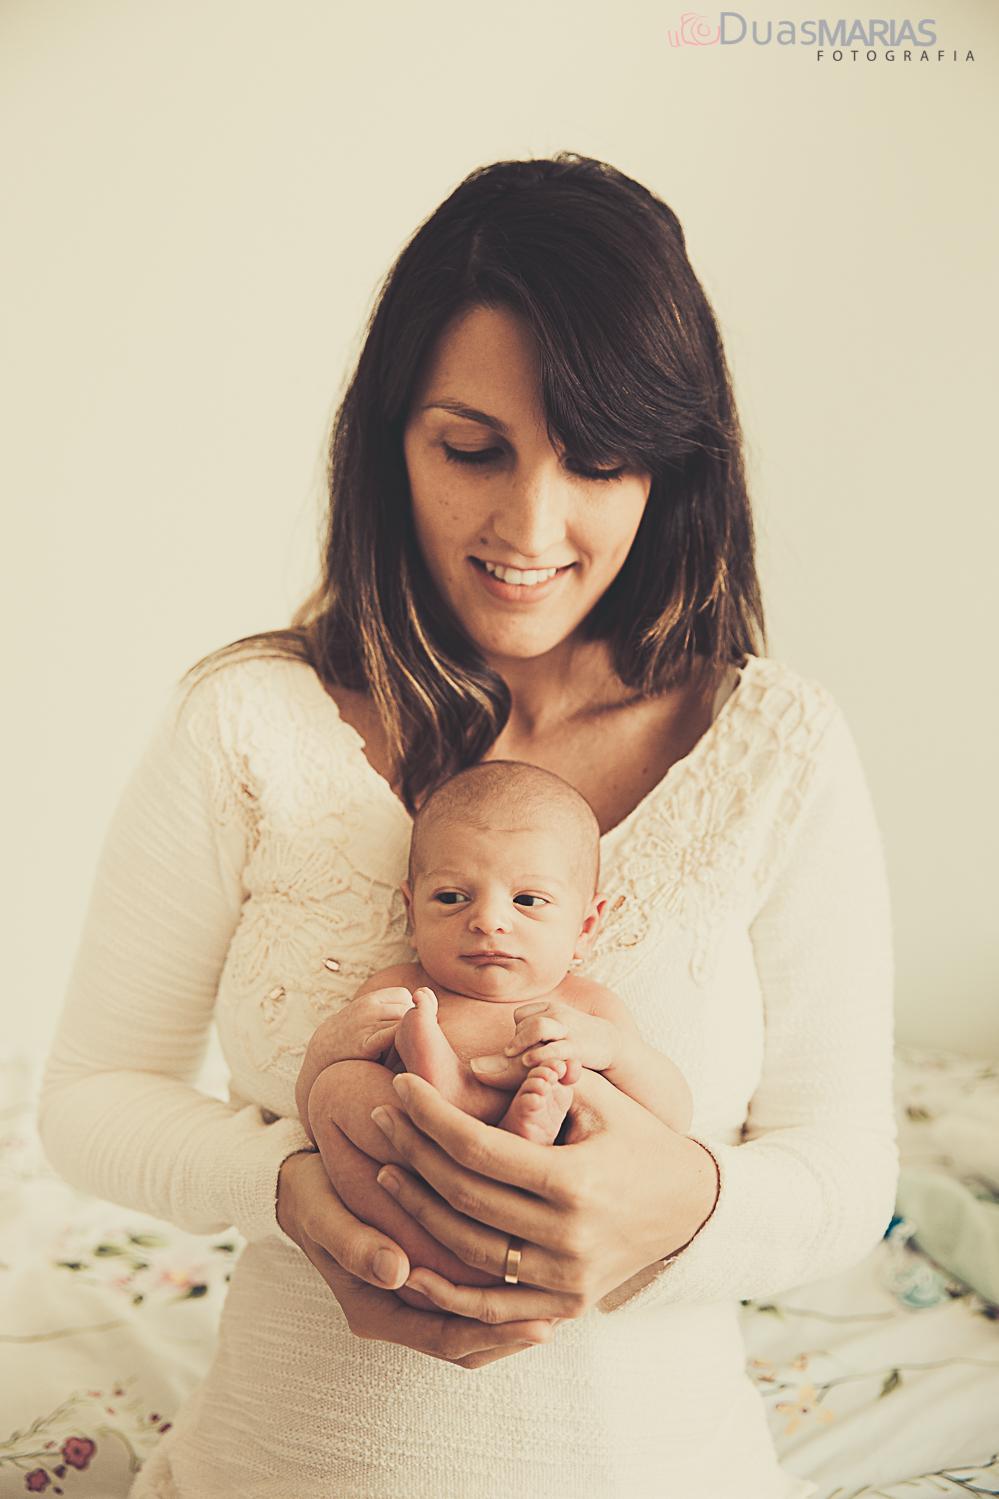 mãe e filho, ensaio de recém nascido, newborn, realizado por Duas Marias Fotografia,